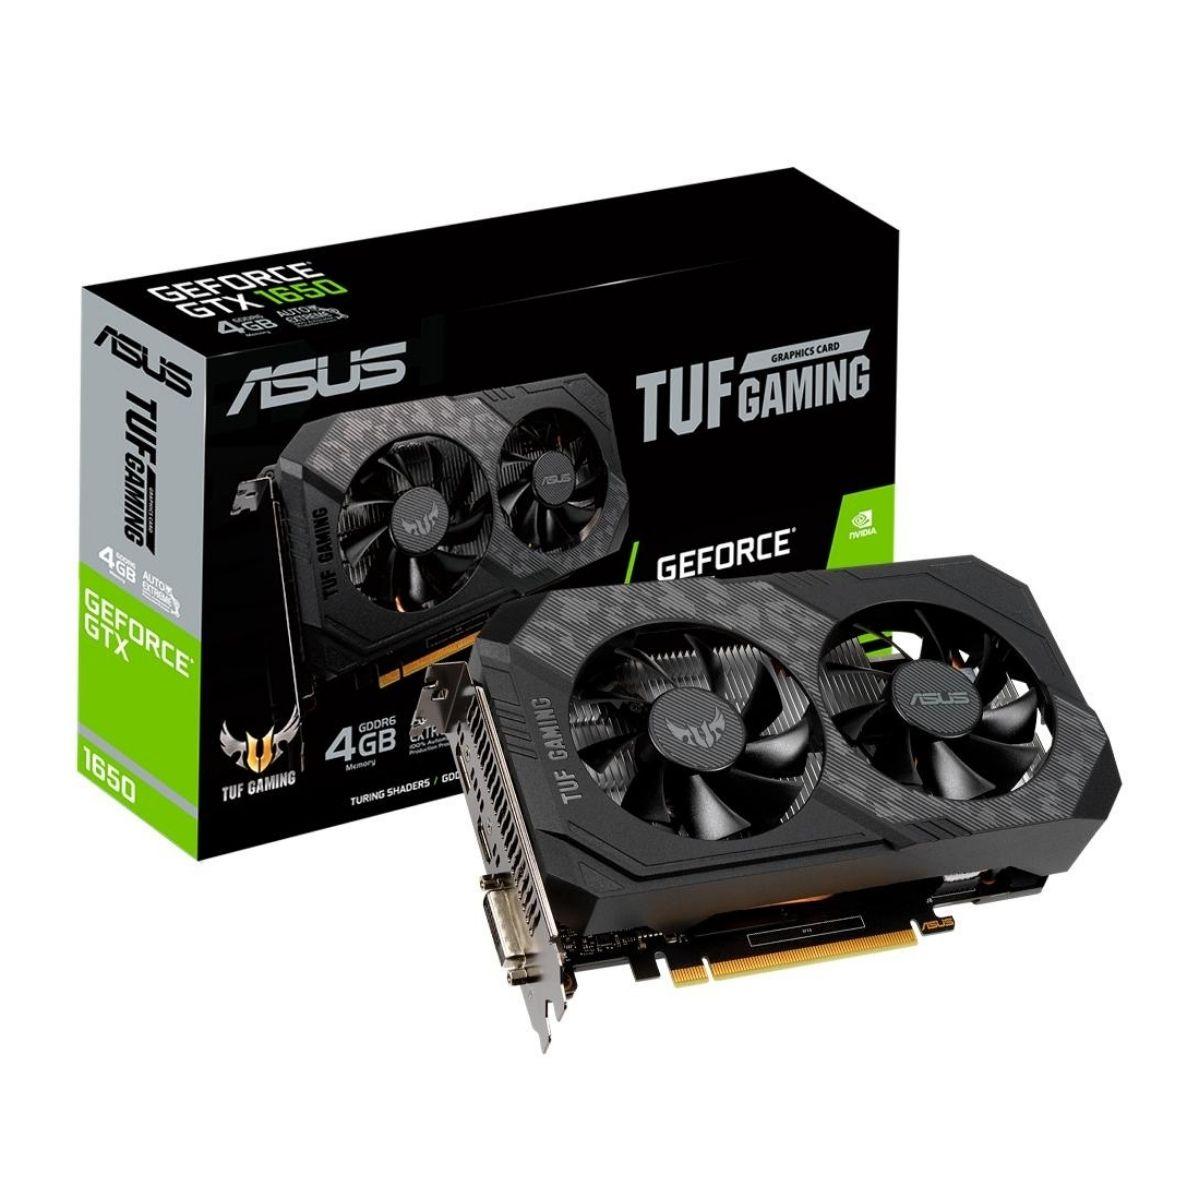 Placa de vídeo Asus GeForce GTX 1650 4gb - GDDR6 TUF Gaming